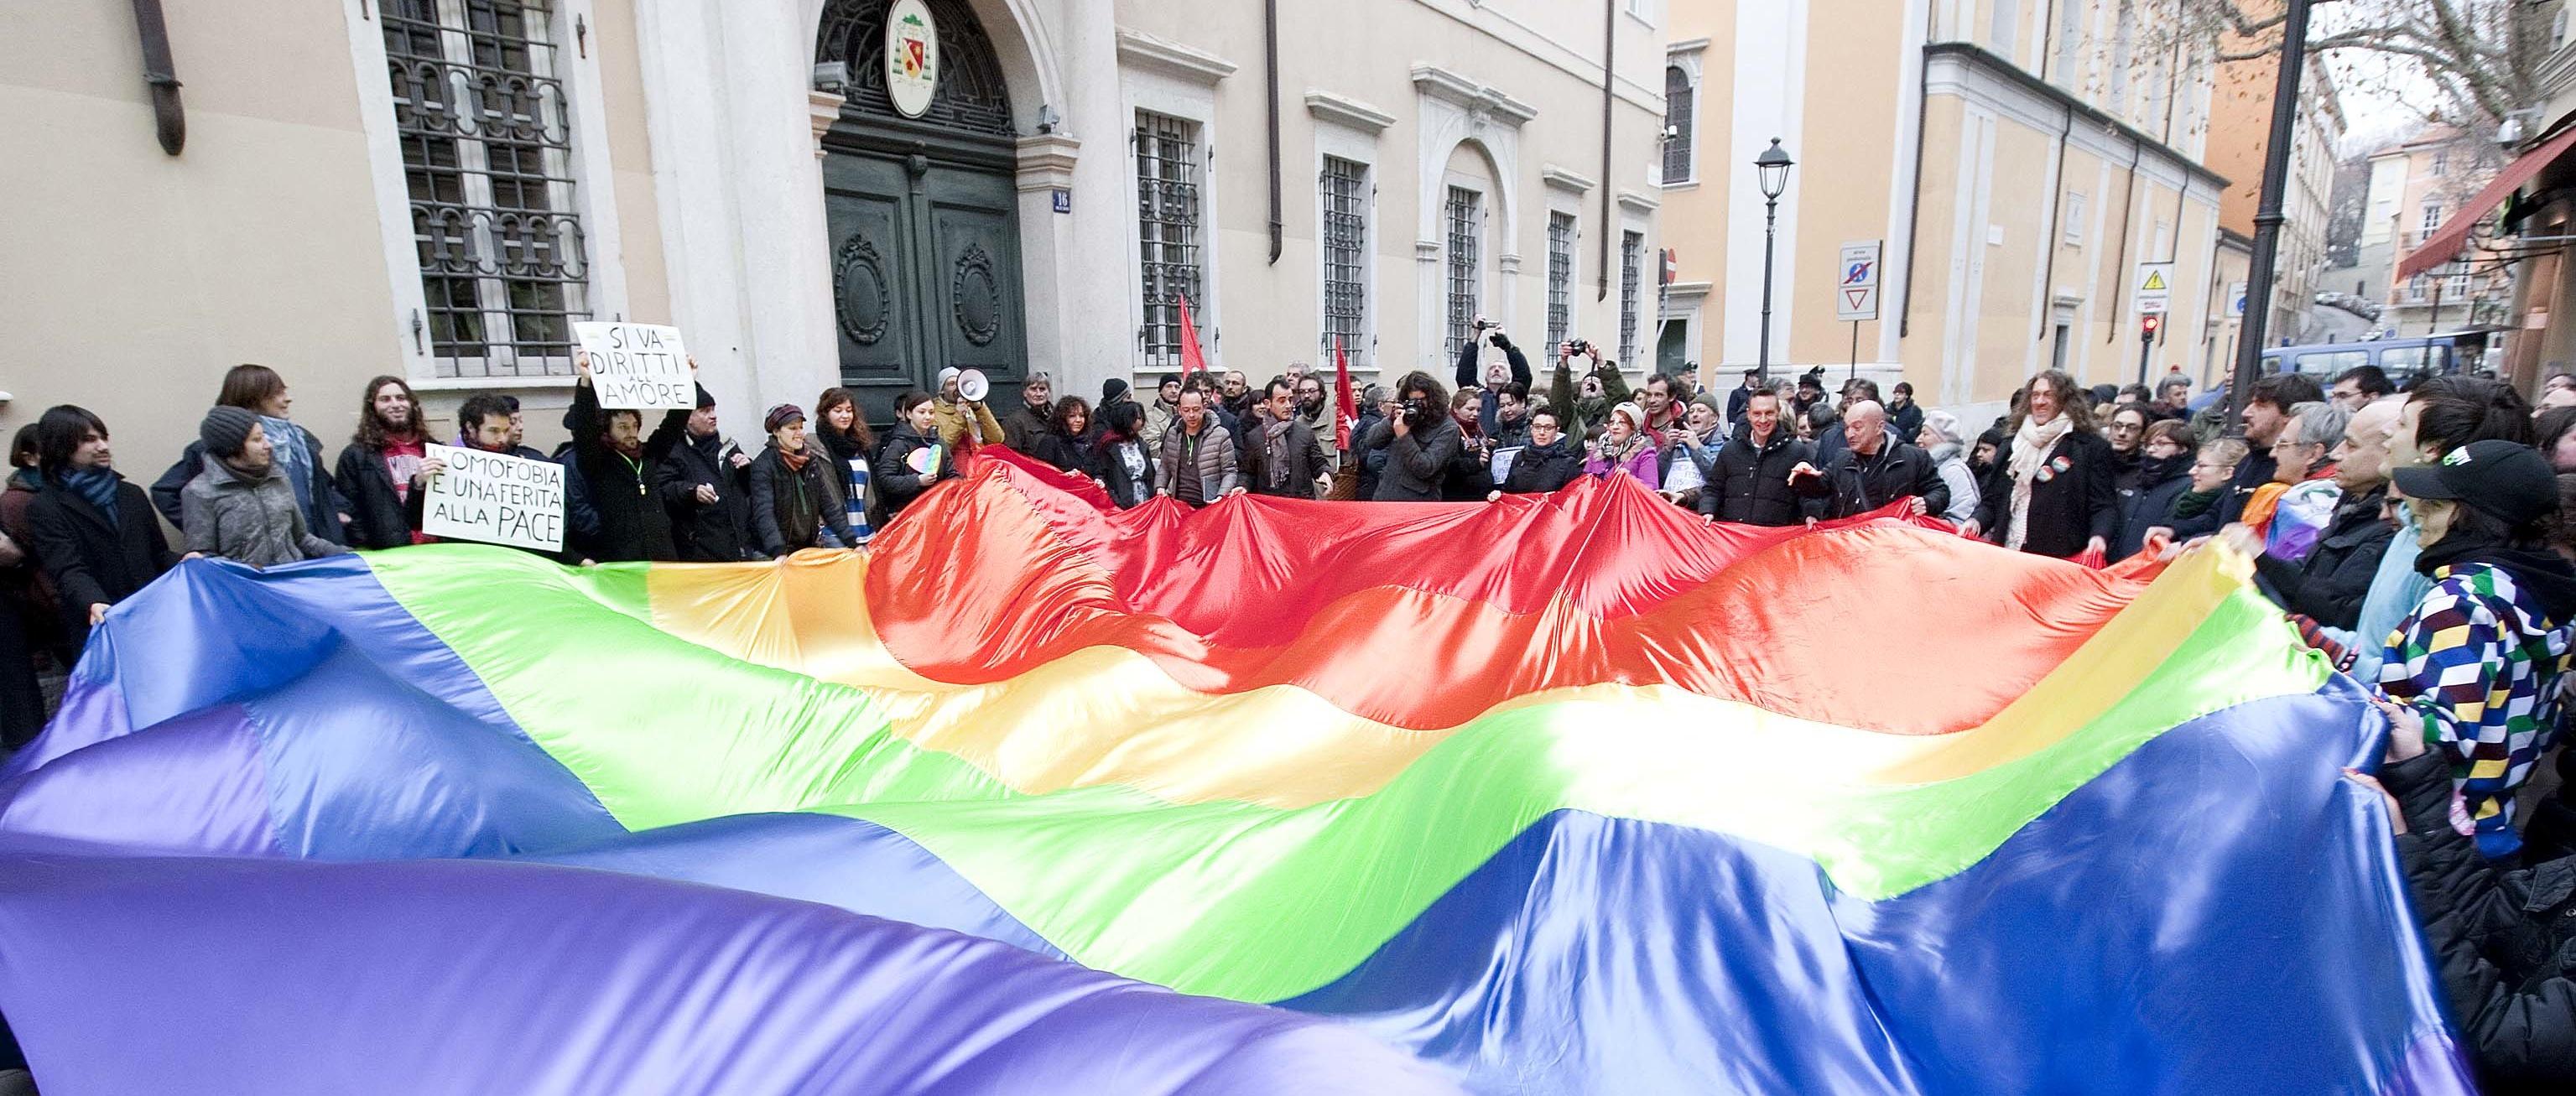 Manifestazione Arcigay e Arcilesbica del Friuli Venezia Giulia